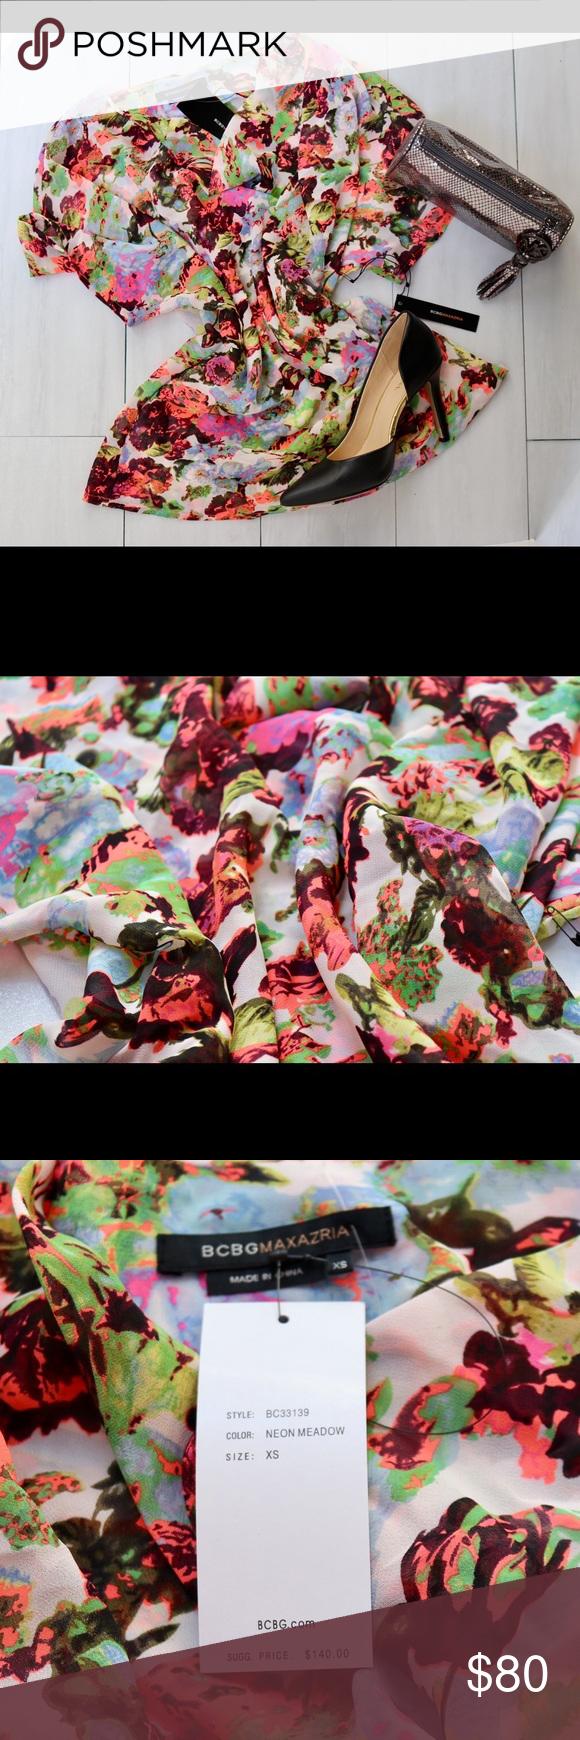 BCBG Maxazria Floral Top NWT BCBG Maxazria Floral Top NWT BCBGMaxAzria Tops